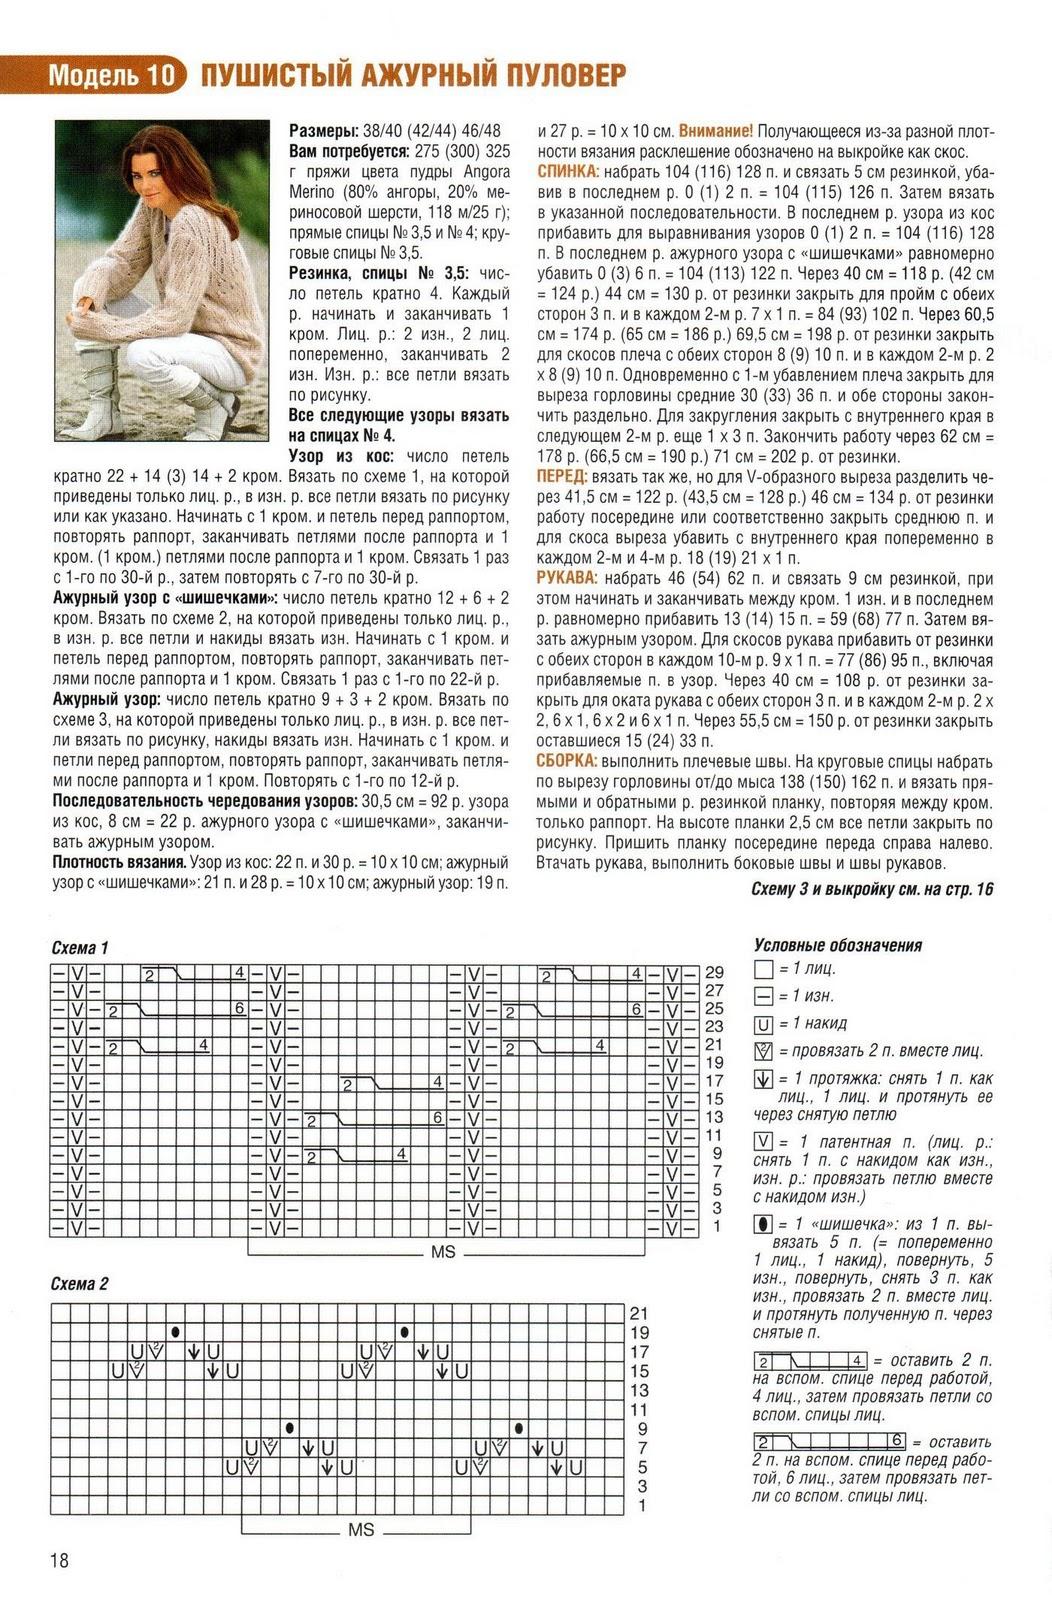 Подборка схем с расширением для вязания 26